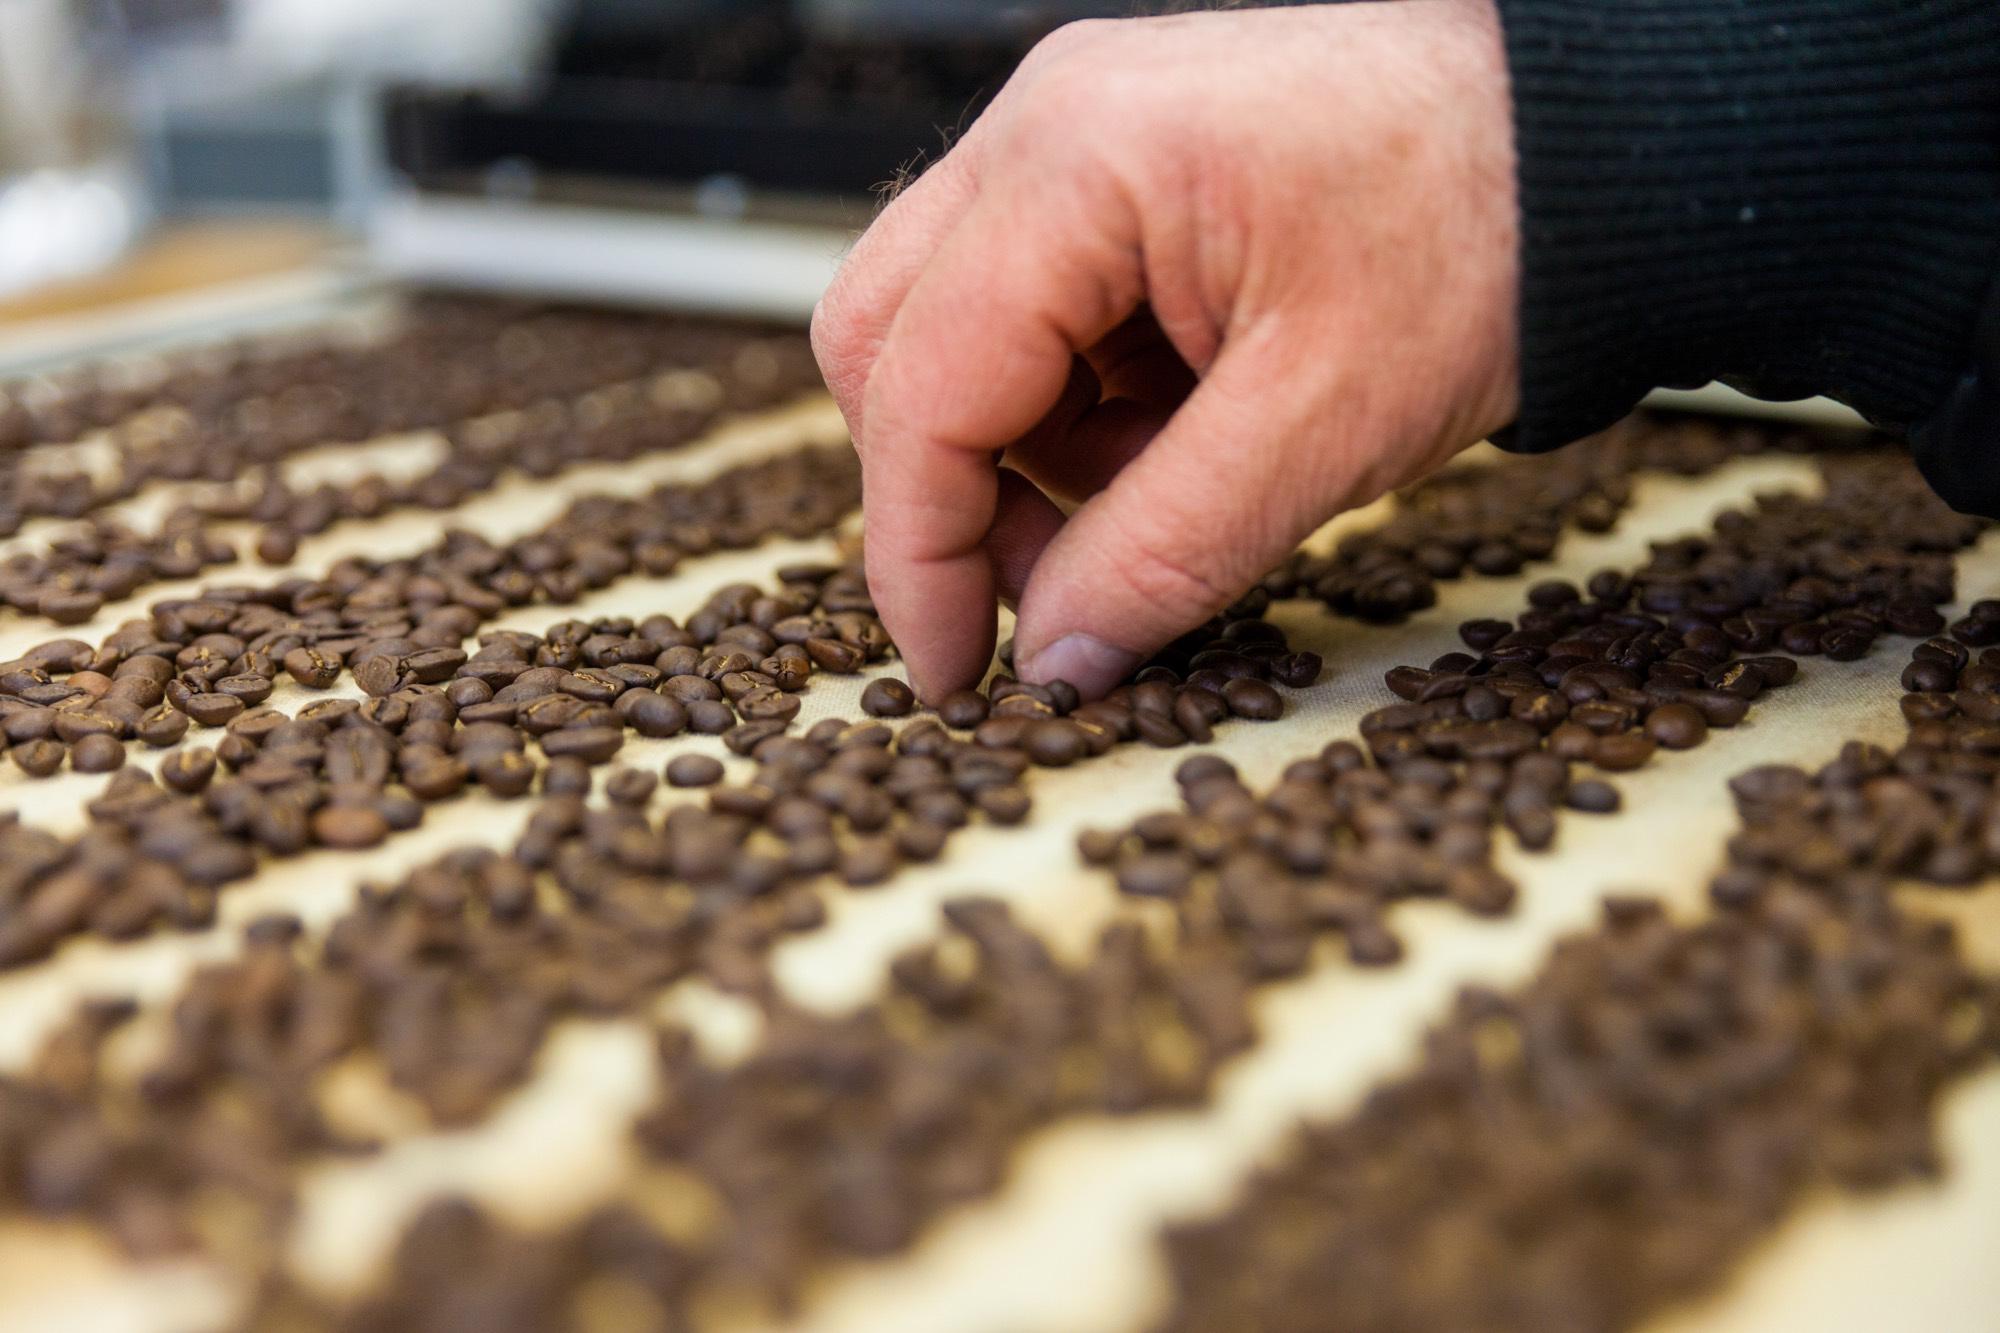 Von Hand verlesener Kaffee